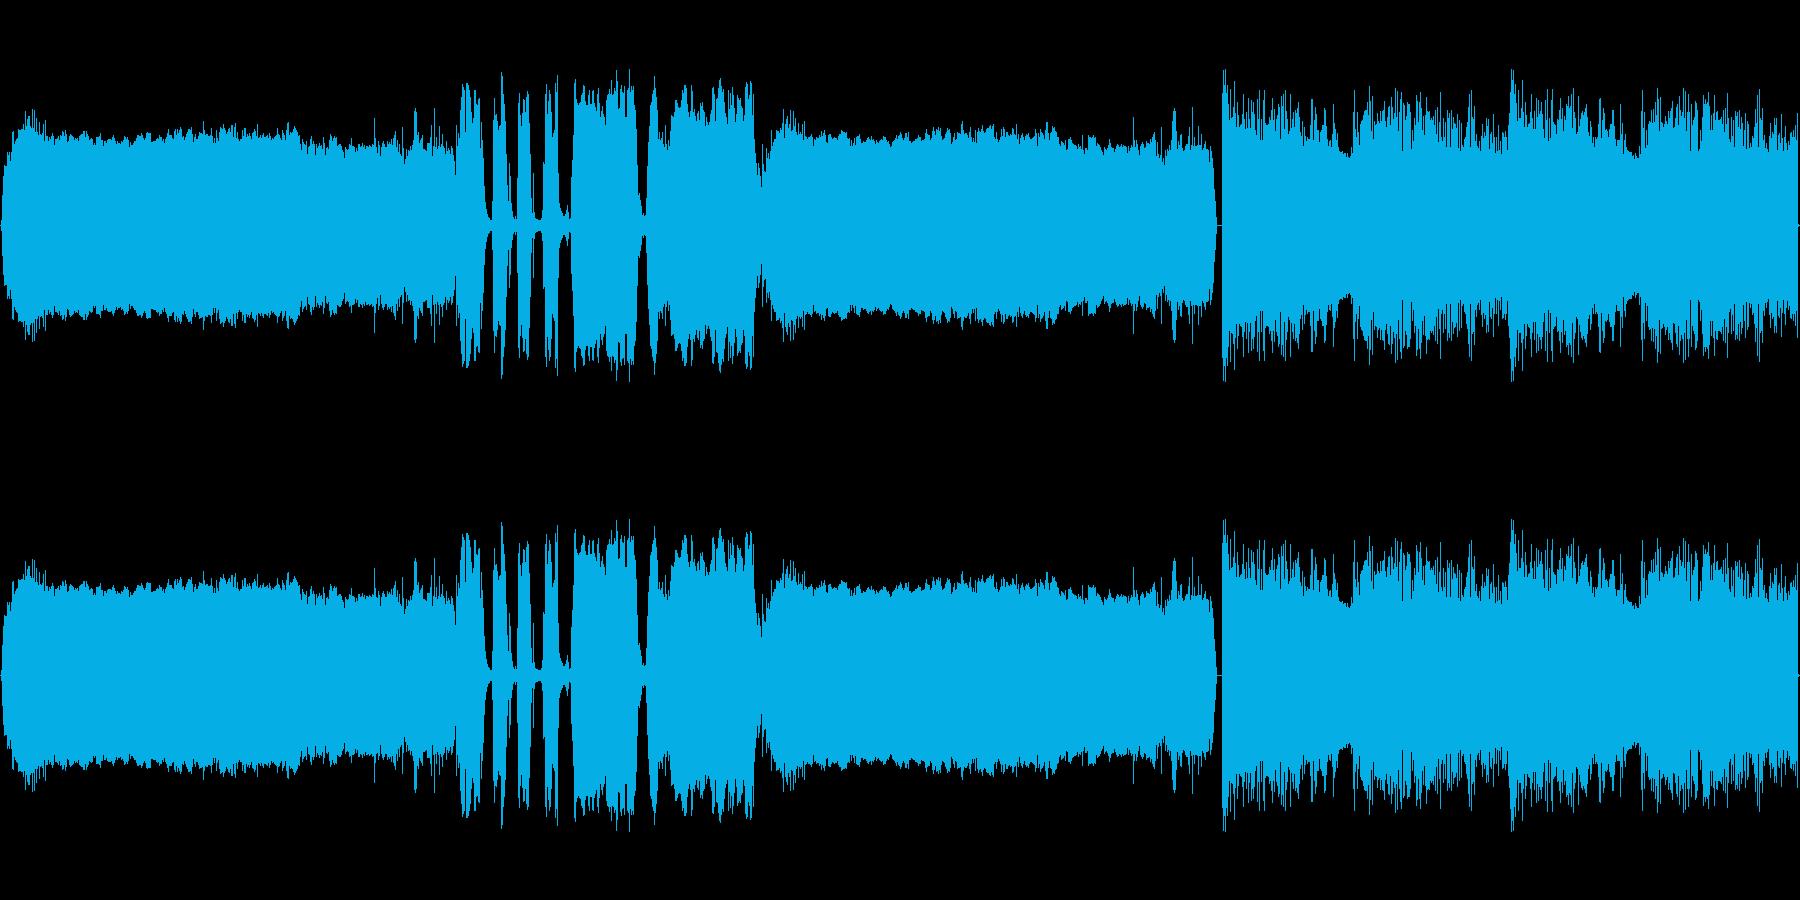 【映画ドラマBGMハードロックギター】の再生済みの波形